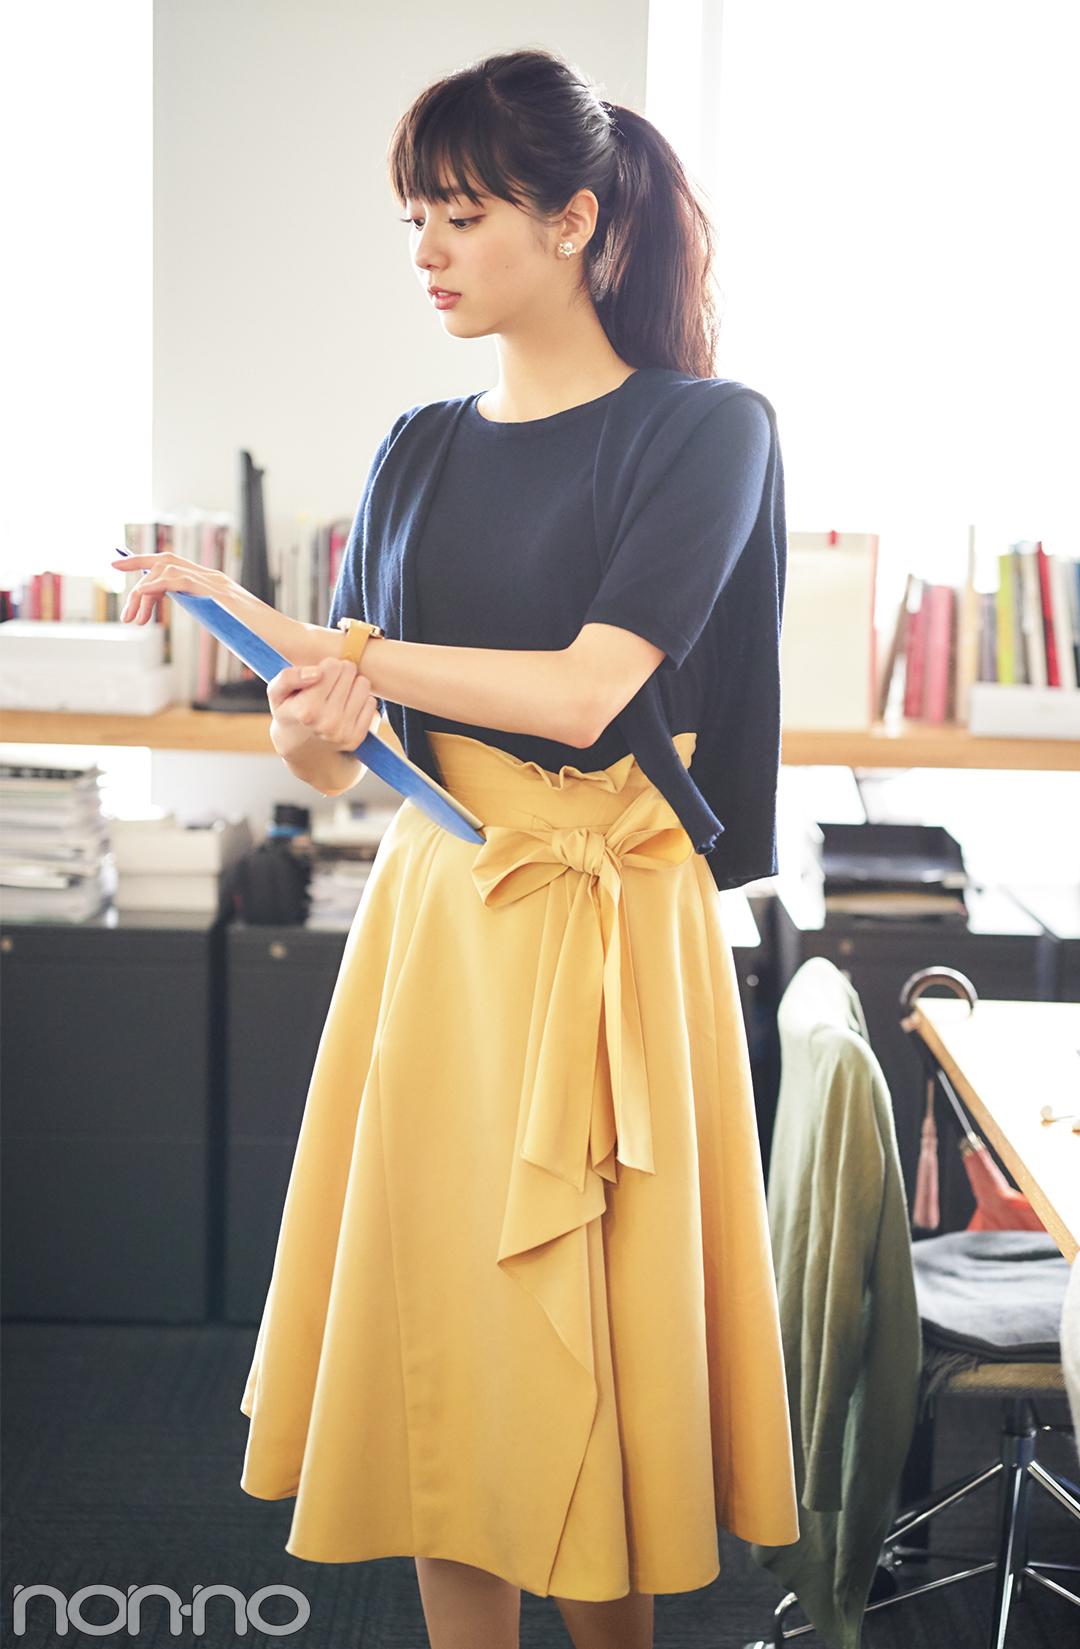 新川優愛が着る♡ オフィスコーデのスカートは、秋色で選ぶのが正解!_1_1-2